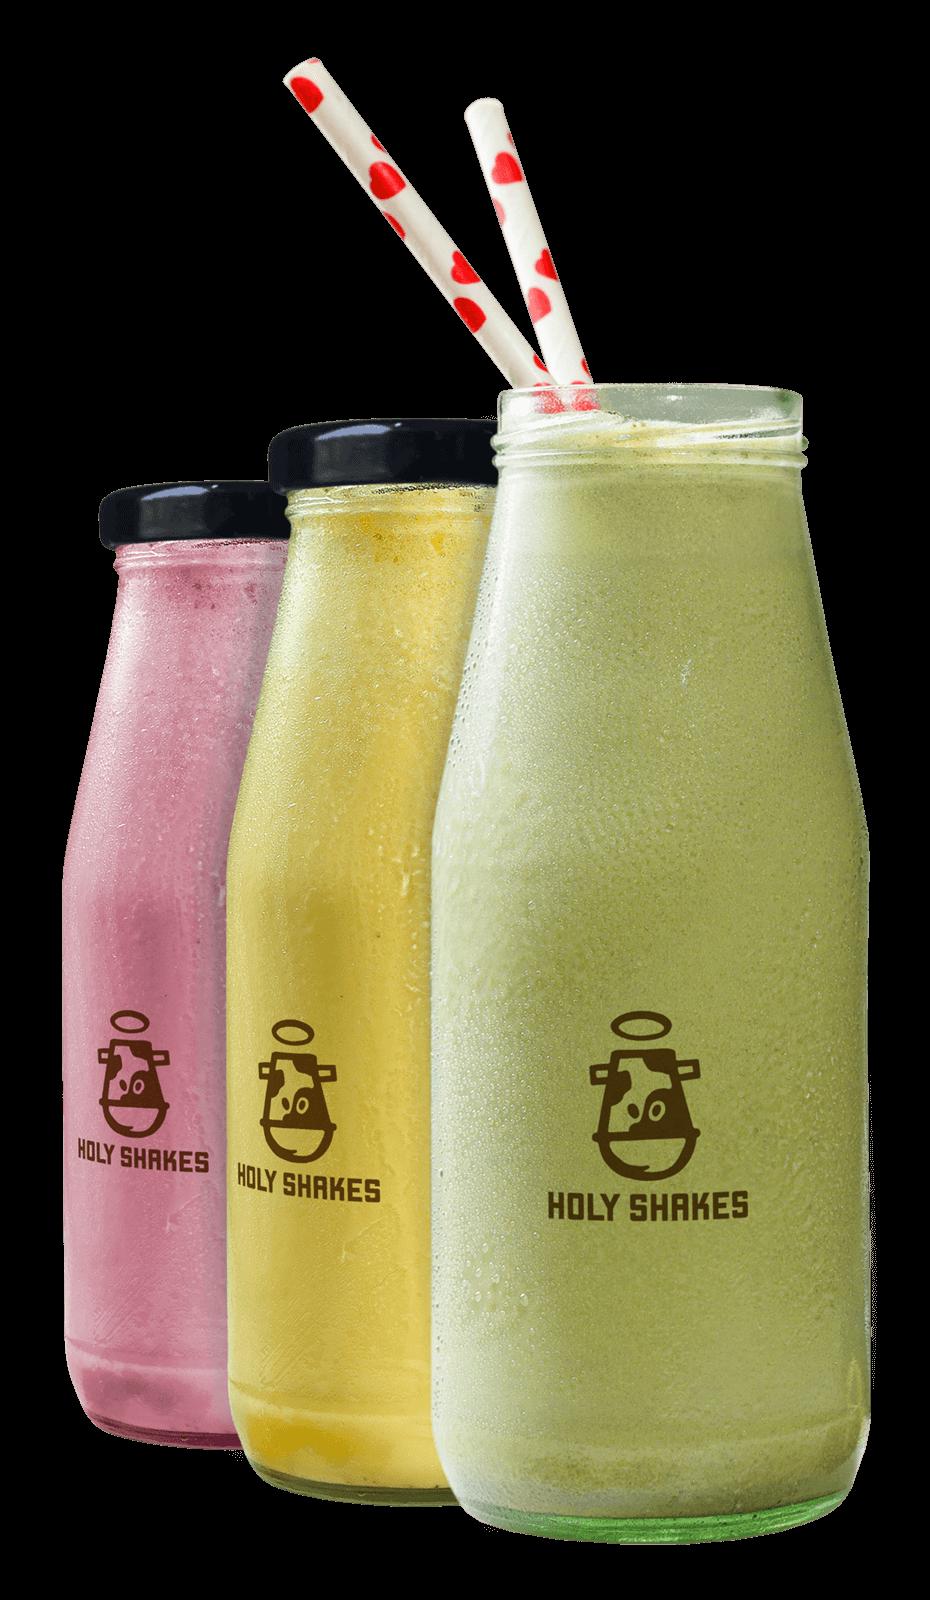 Toronto's Best Gourmet Fusion Milkshakes & Live Milkshake Catering - Strawberry Banana Pistachio Milkshake Bottle